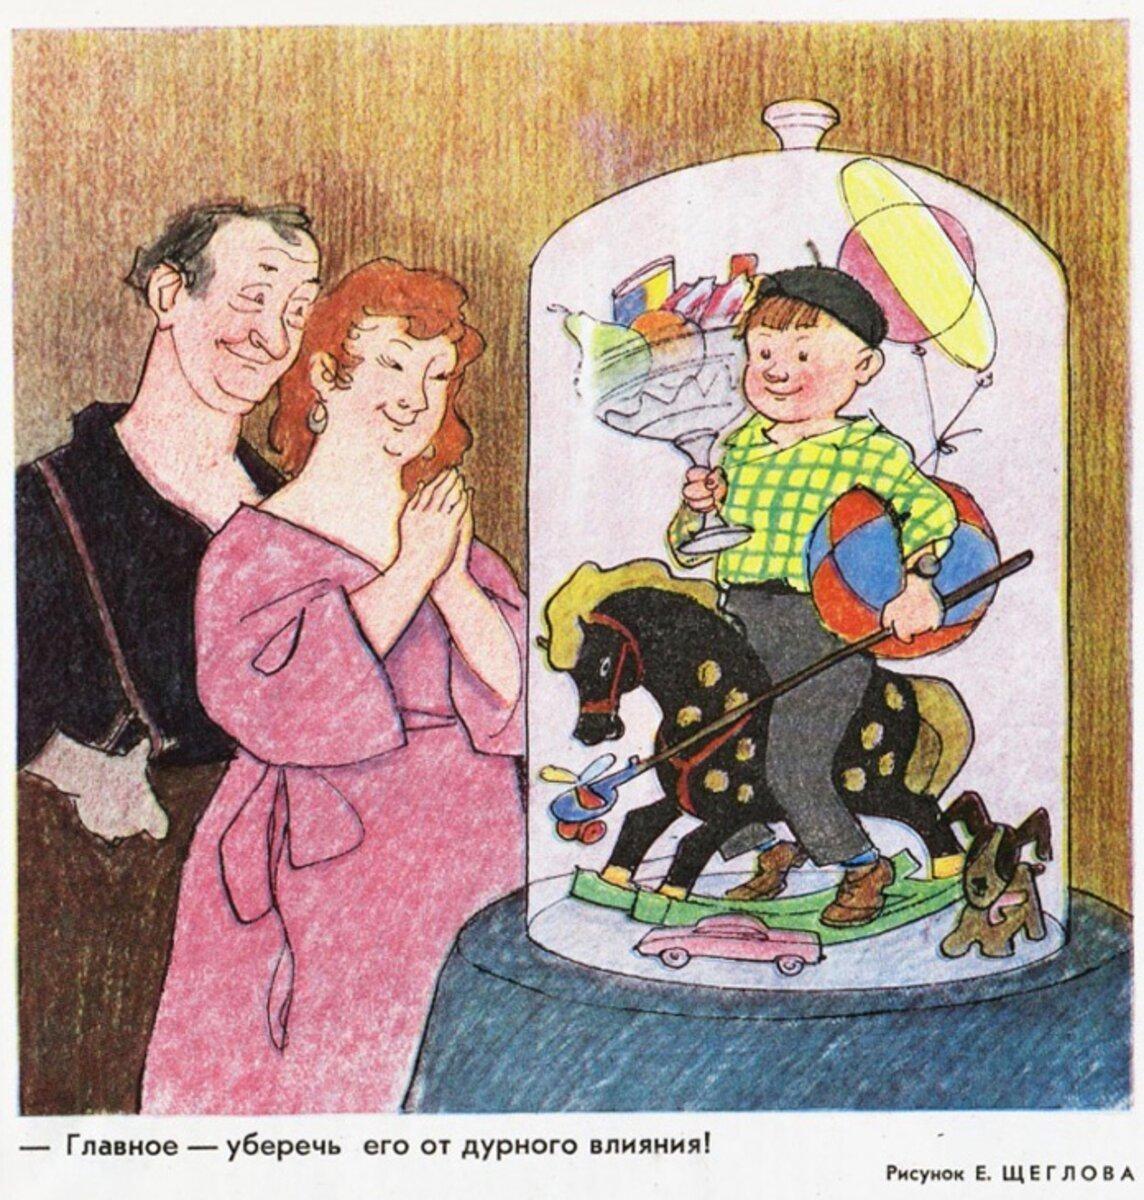 Об отцах и детях: карикатуры, которые актуальны всегда воспитание детей,дети,карикатура,родители